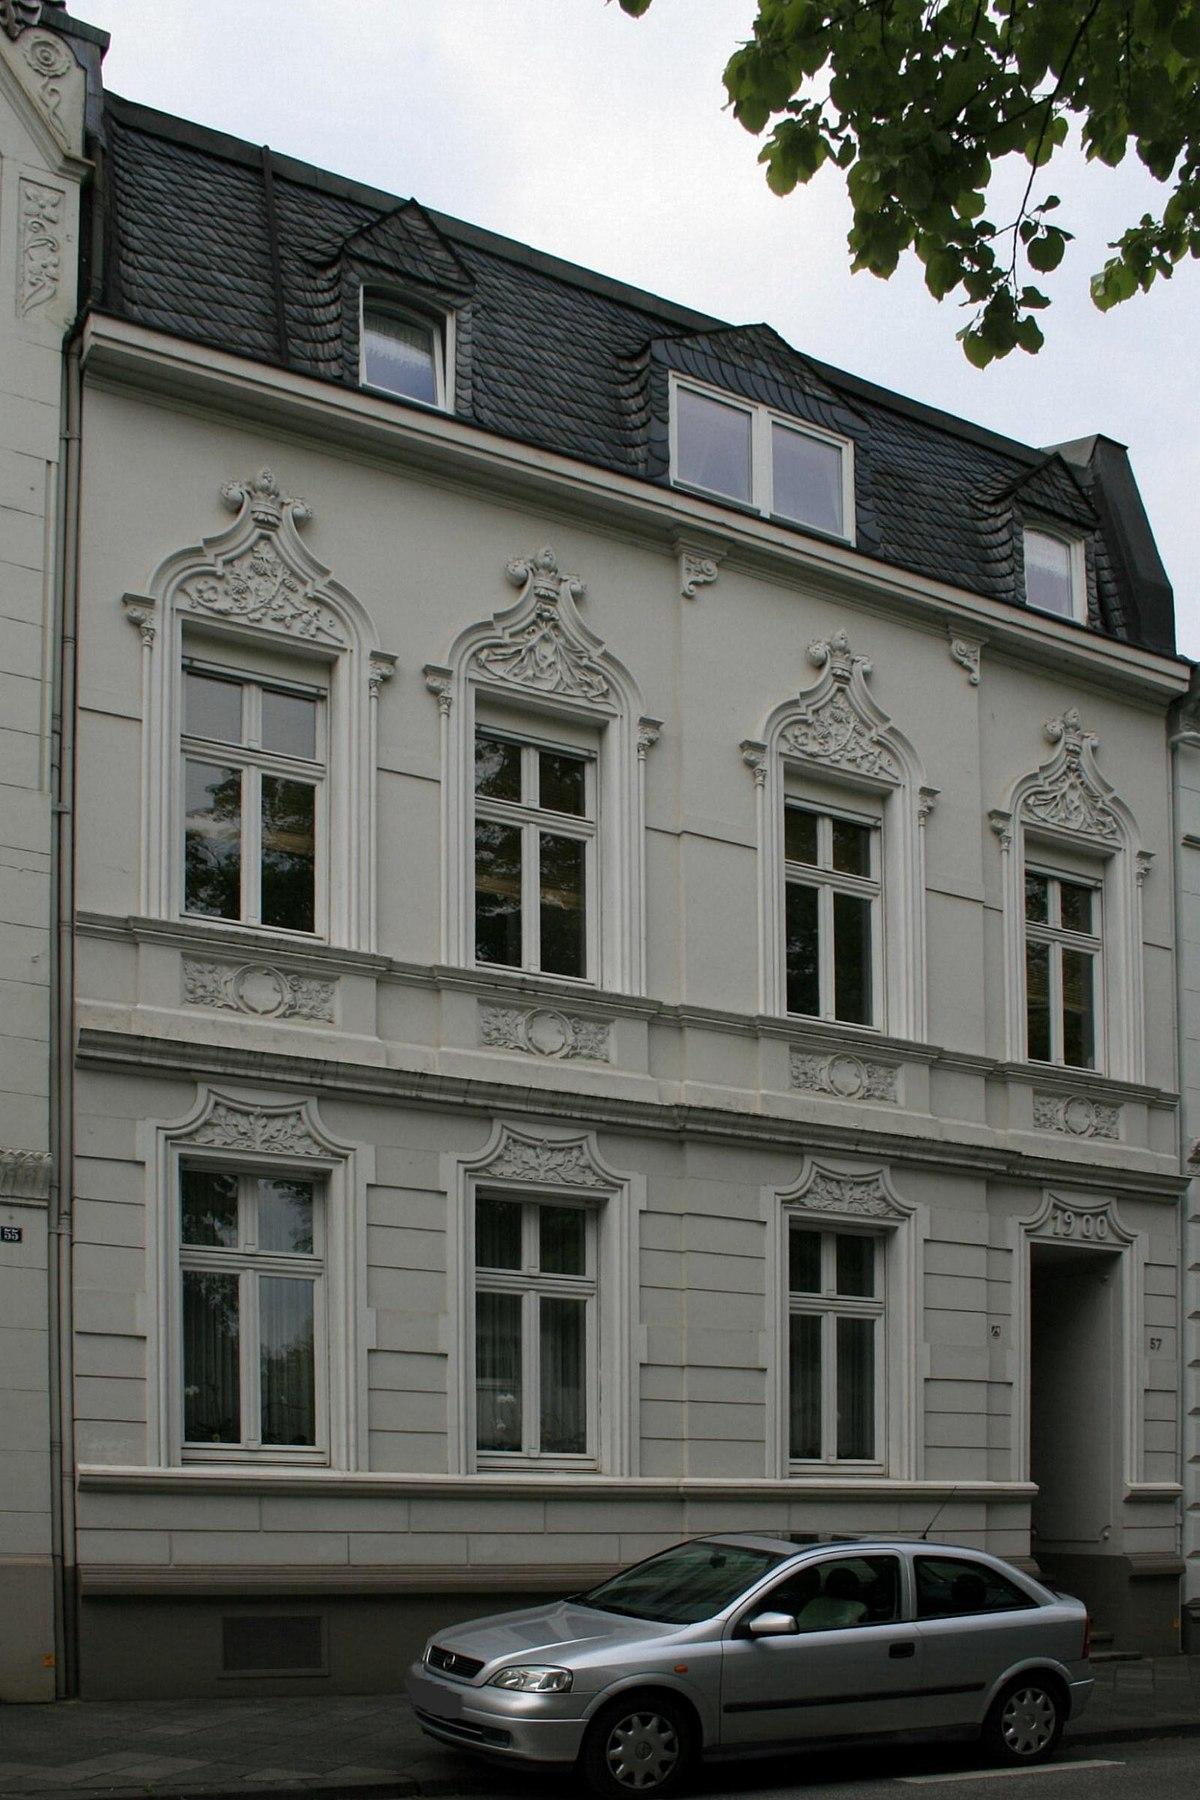 Fenster M Nchengladbach bettrather straße 57 mönchengladbach